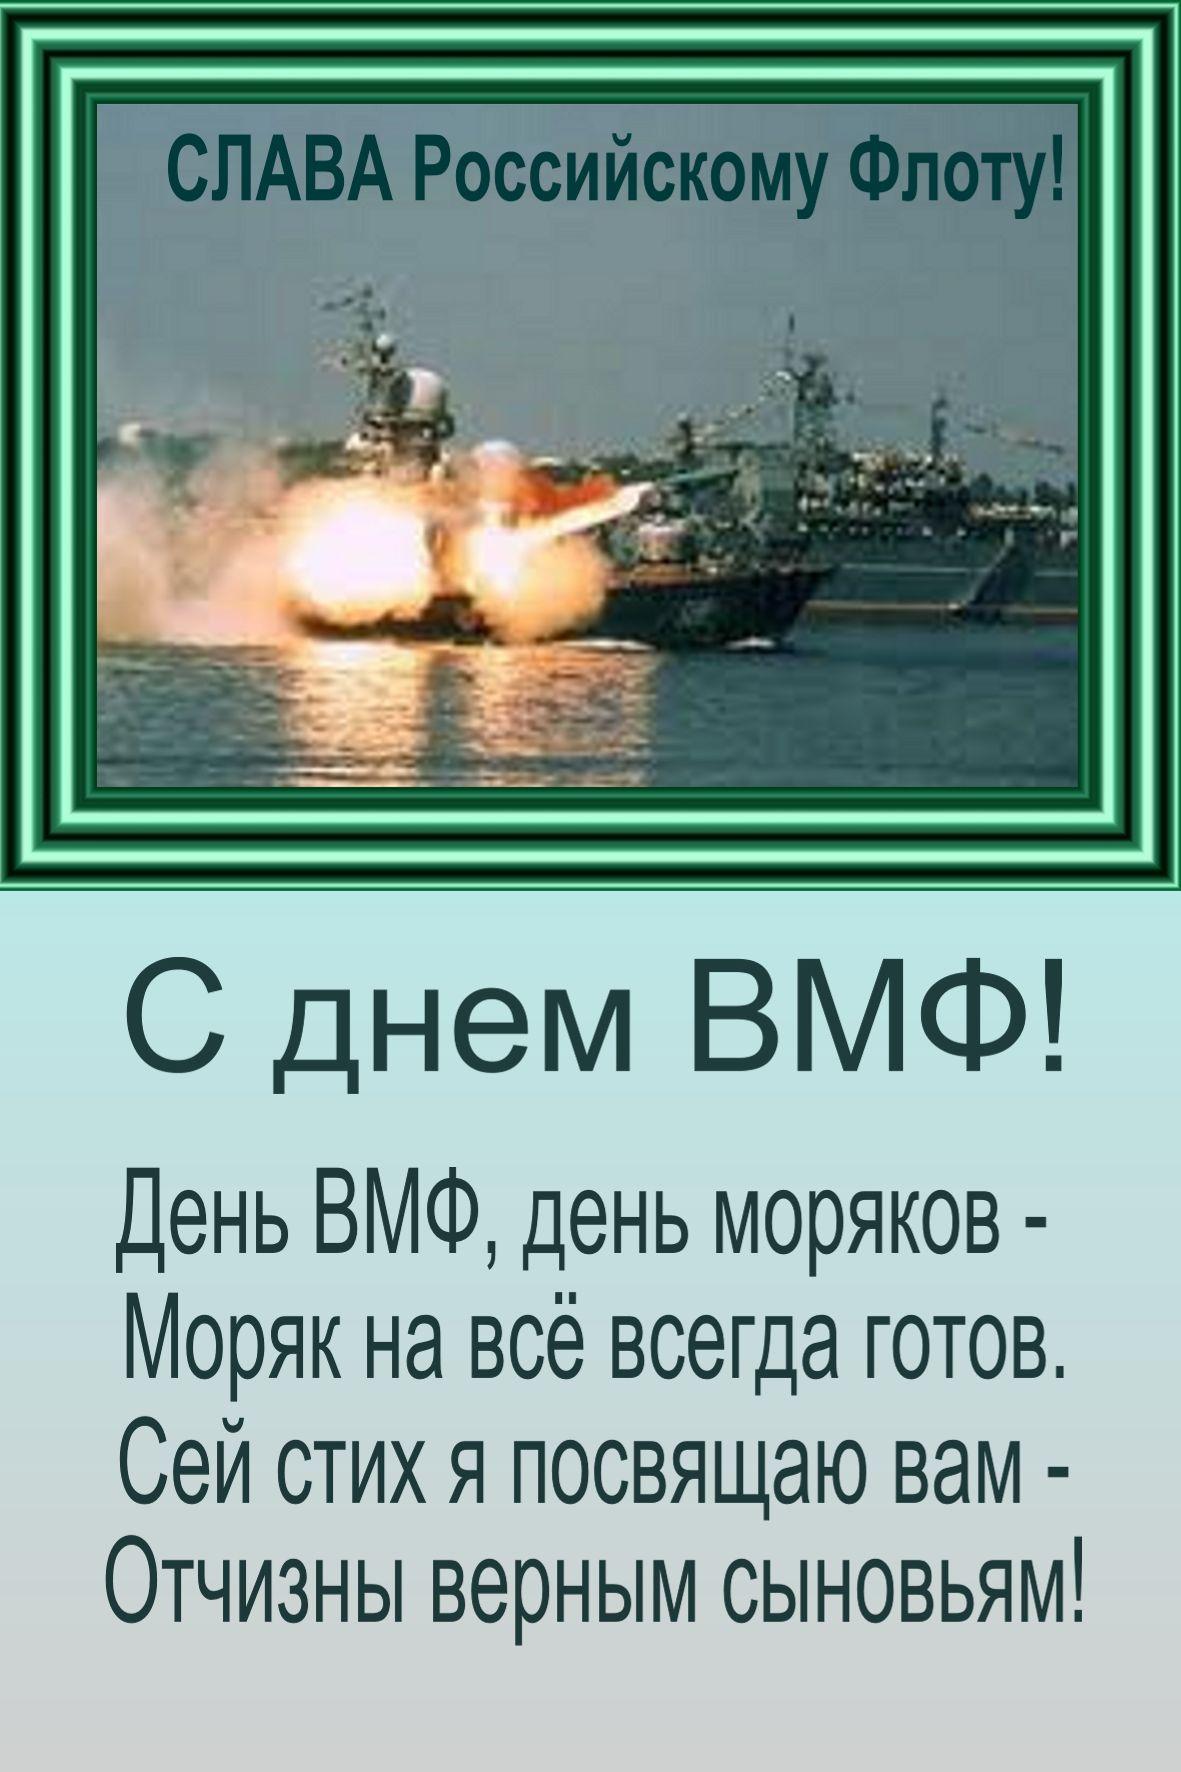 Открытка. Поздравляю с днем ВМФ! Моряк на все всегда готов!